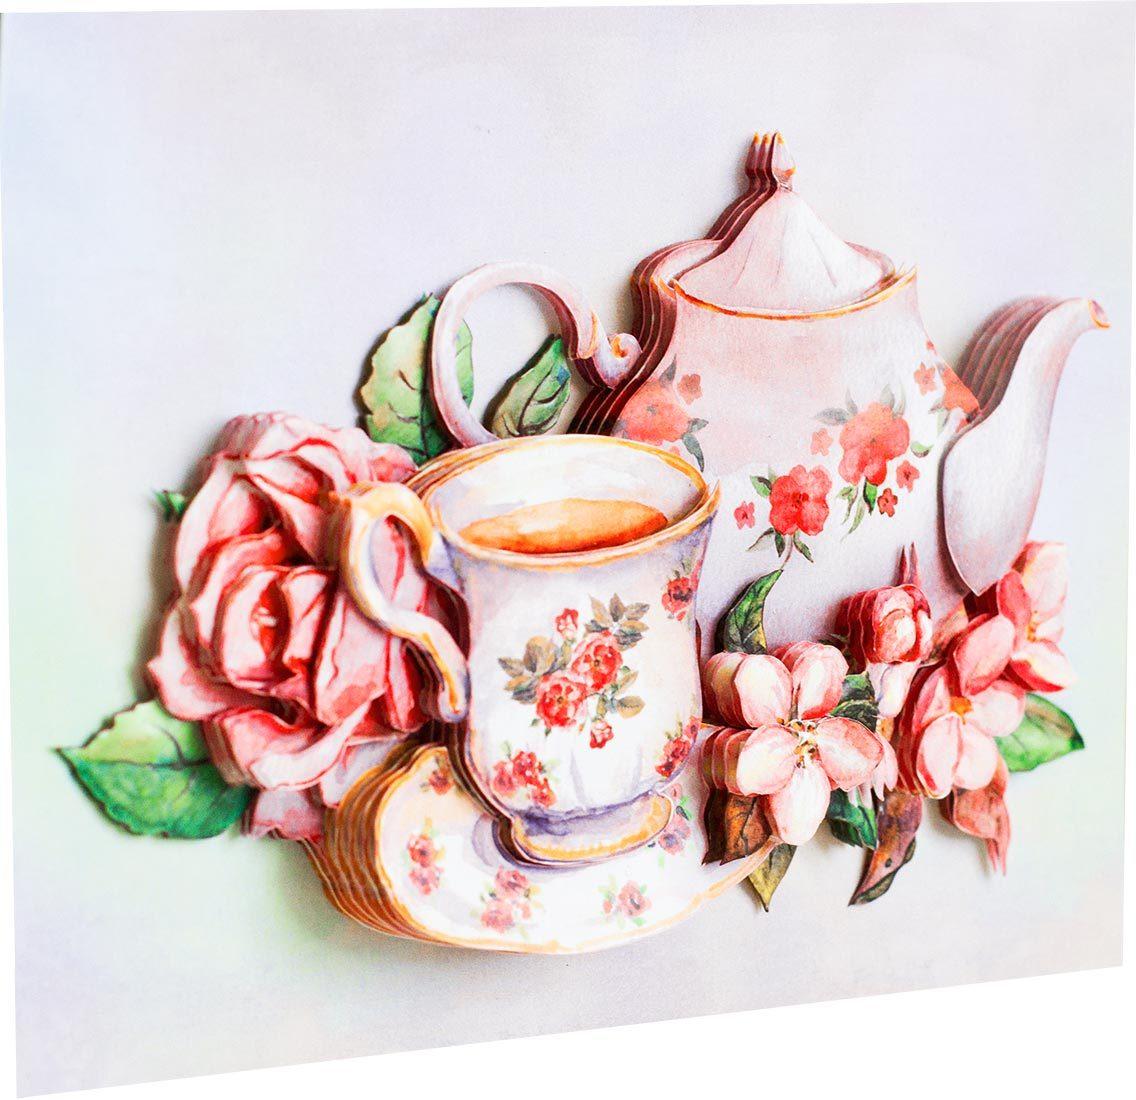 Папертоль Утренний чай — собранный сюжет, вид сбоку.